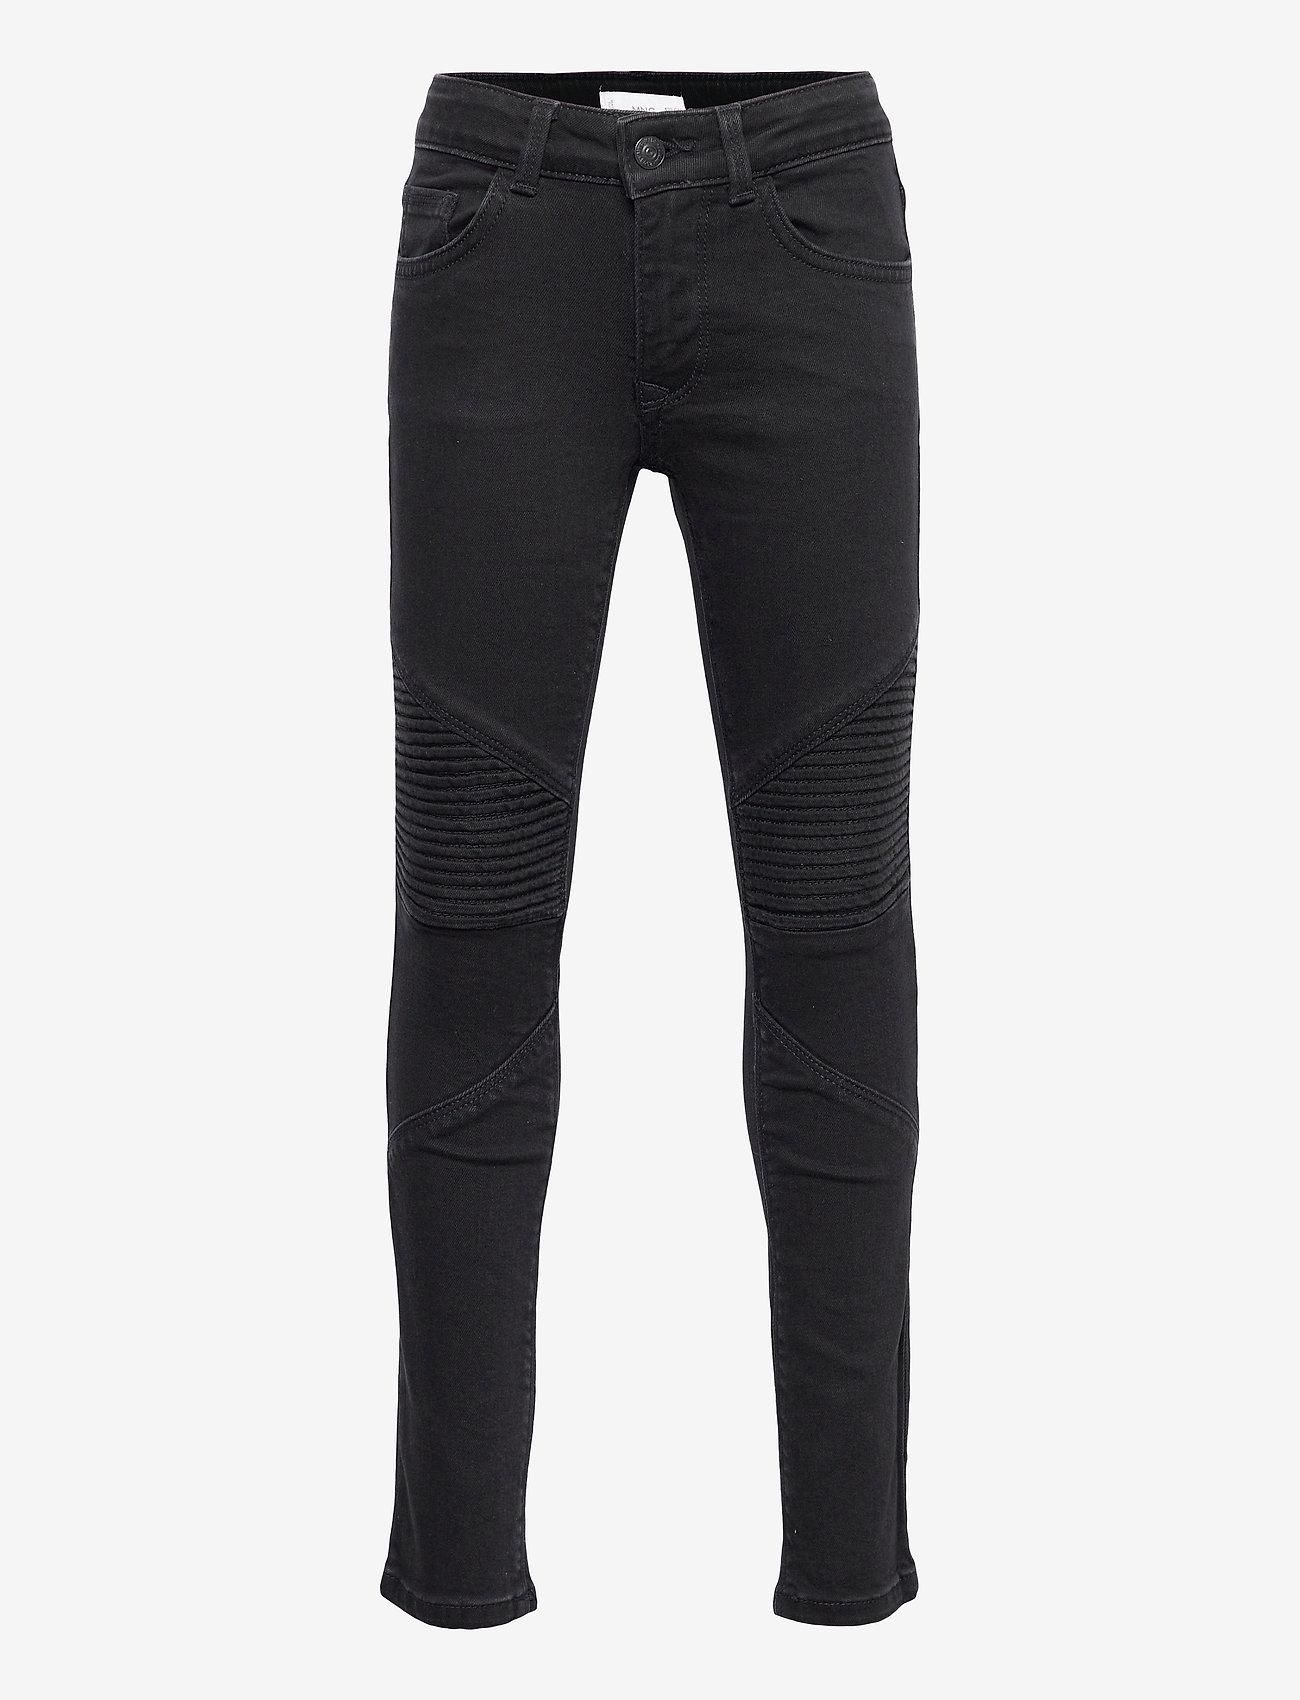 Mango - BIKER - jeans - open gray - 0